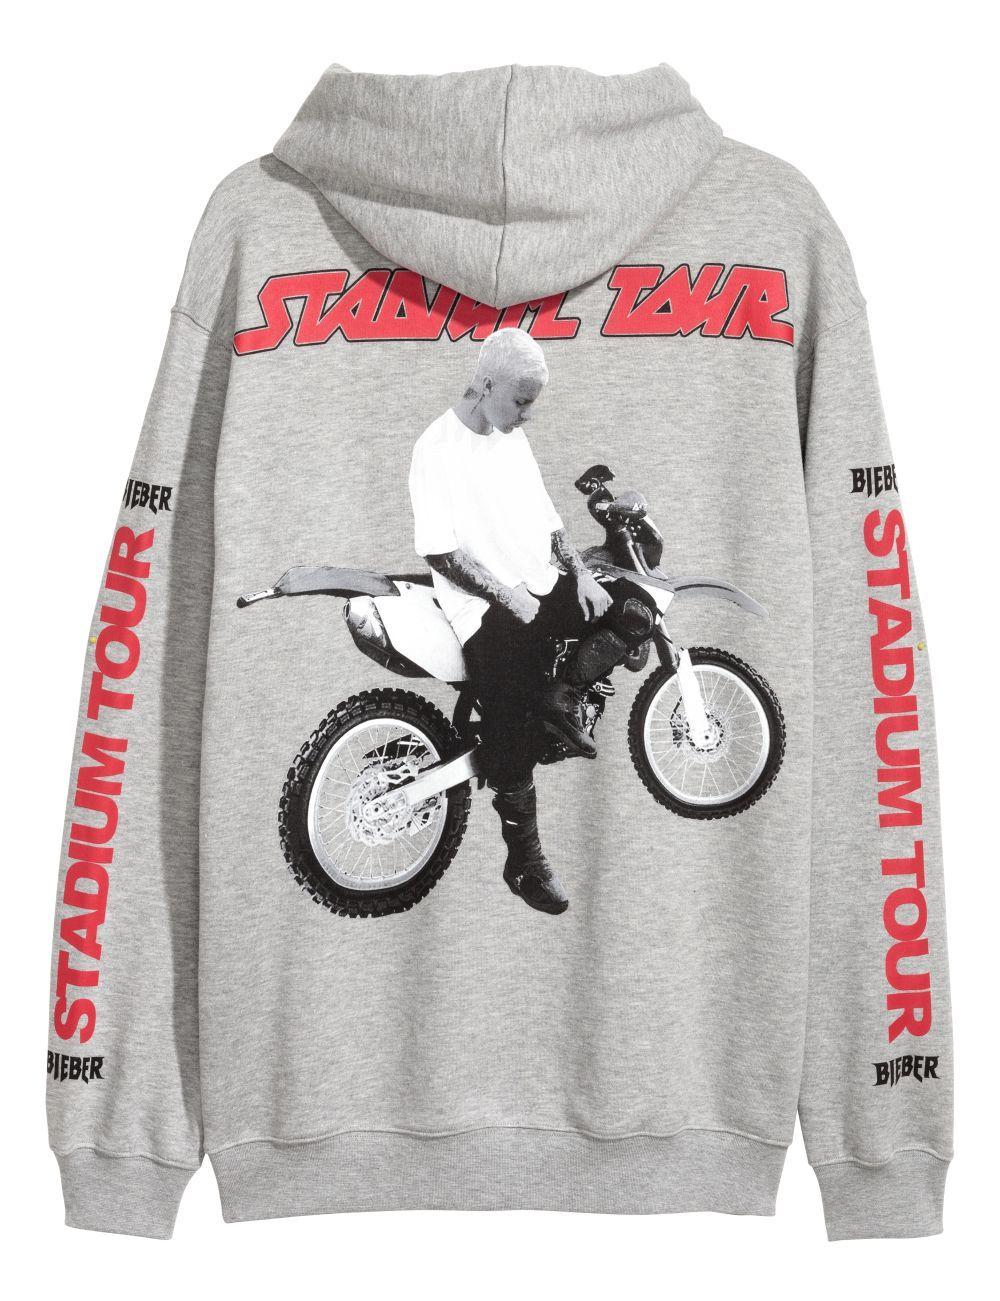 Sudadera de la colección exclusiva de H&M y Justin Bieber